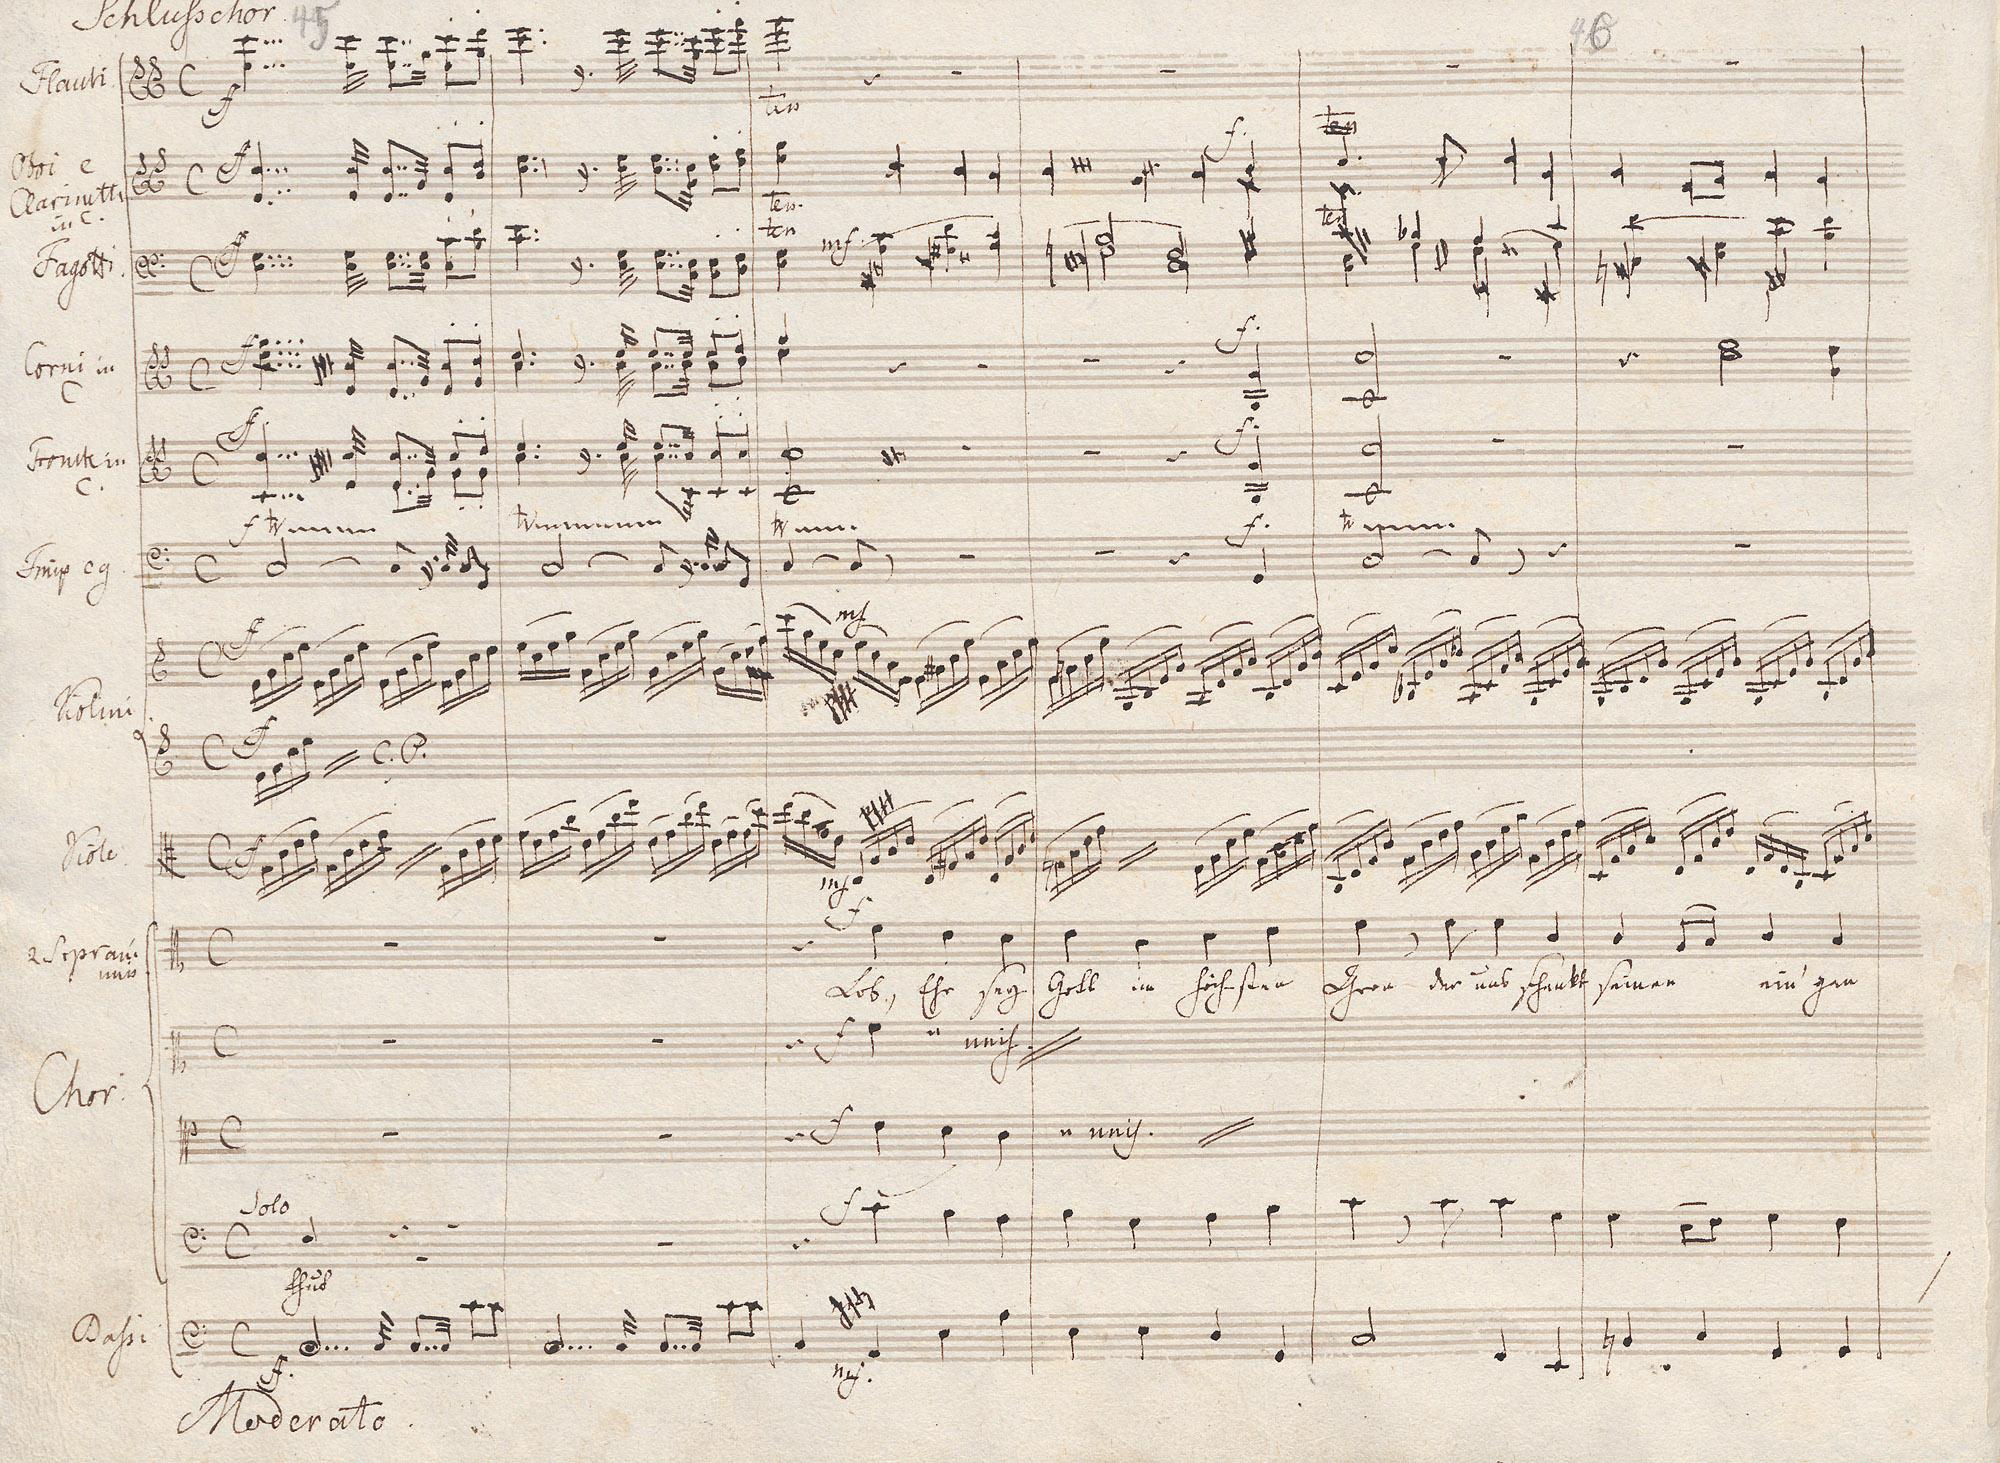 Felix Mendelssohn Bartholdy: Vom Himmel hoch da komm ich her MWV A 10. Autographe Partitur. Beginn des Schlusschors. Musikabteilung. Lizenz: CC-BY-NC-SA